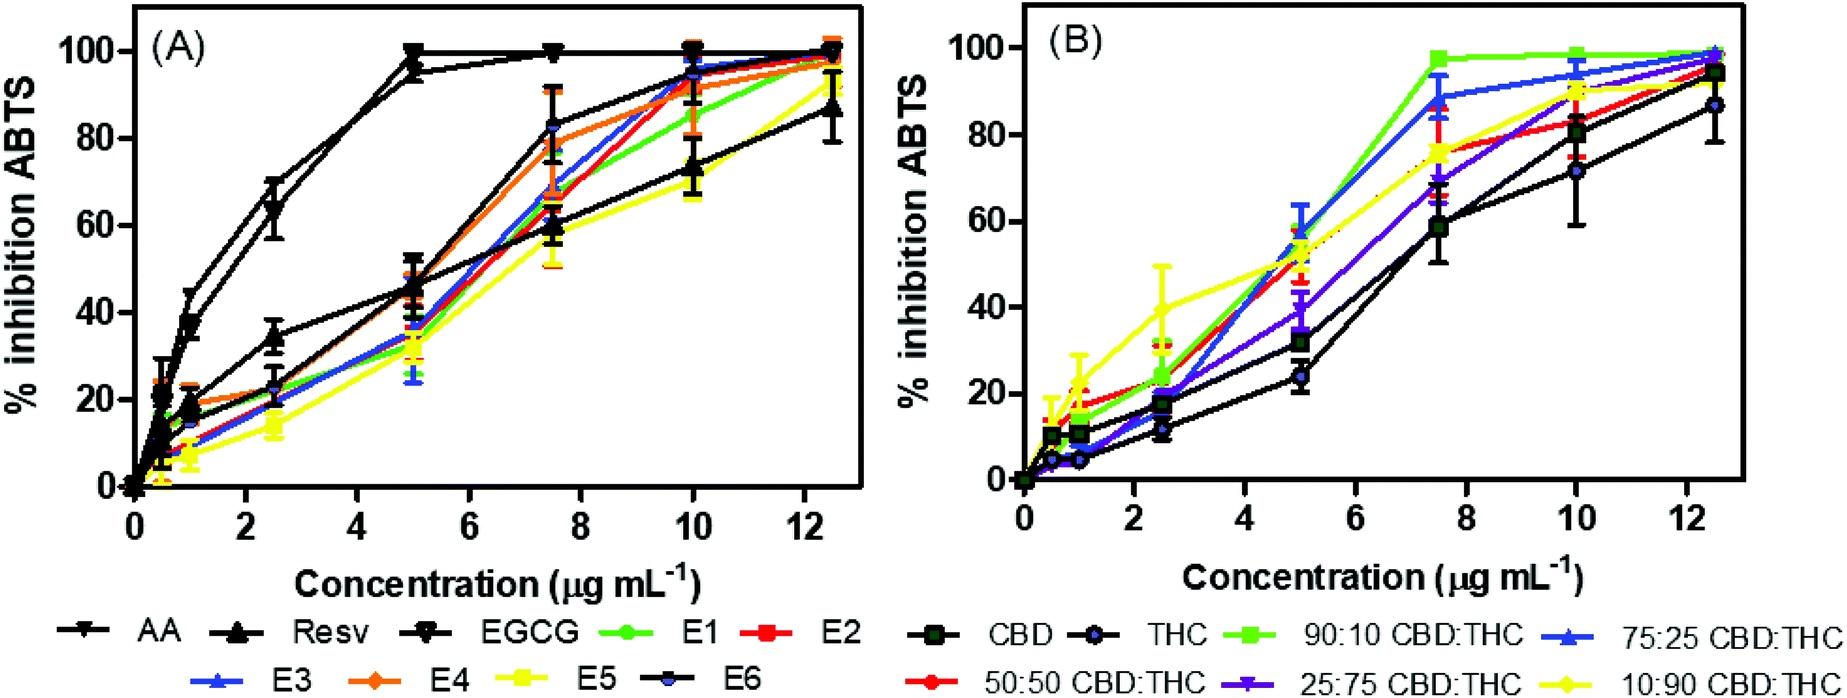 A THC és a CBD antioxidáns aktivitásának vizsgálata Cannabis sativa kivonatokban | Magyar Orvosi Kannabisz Egyesület